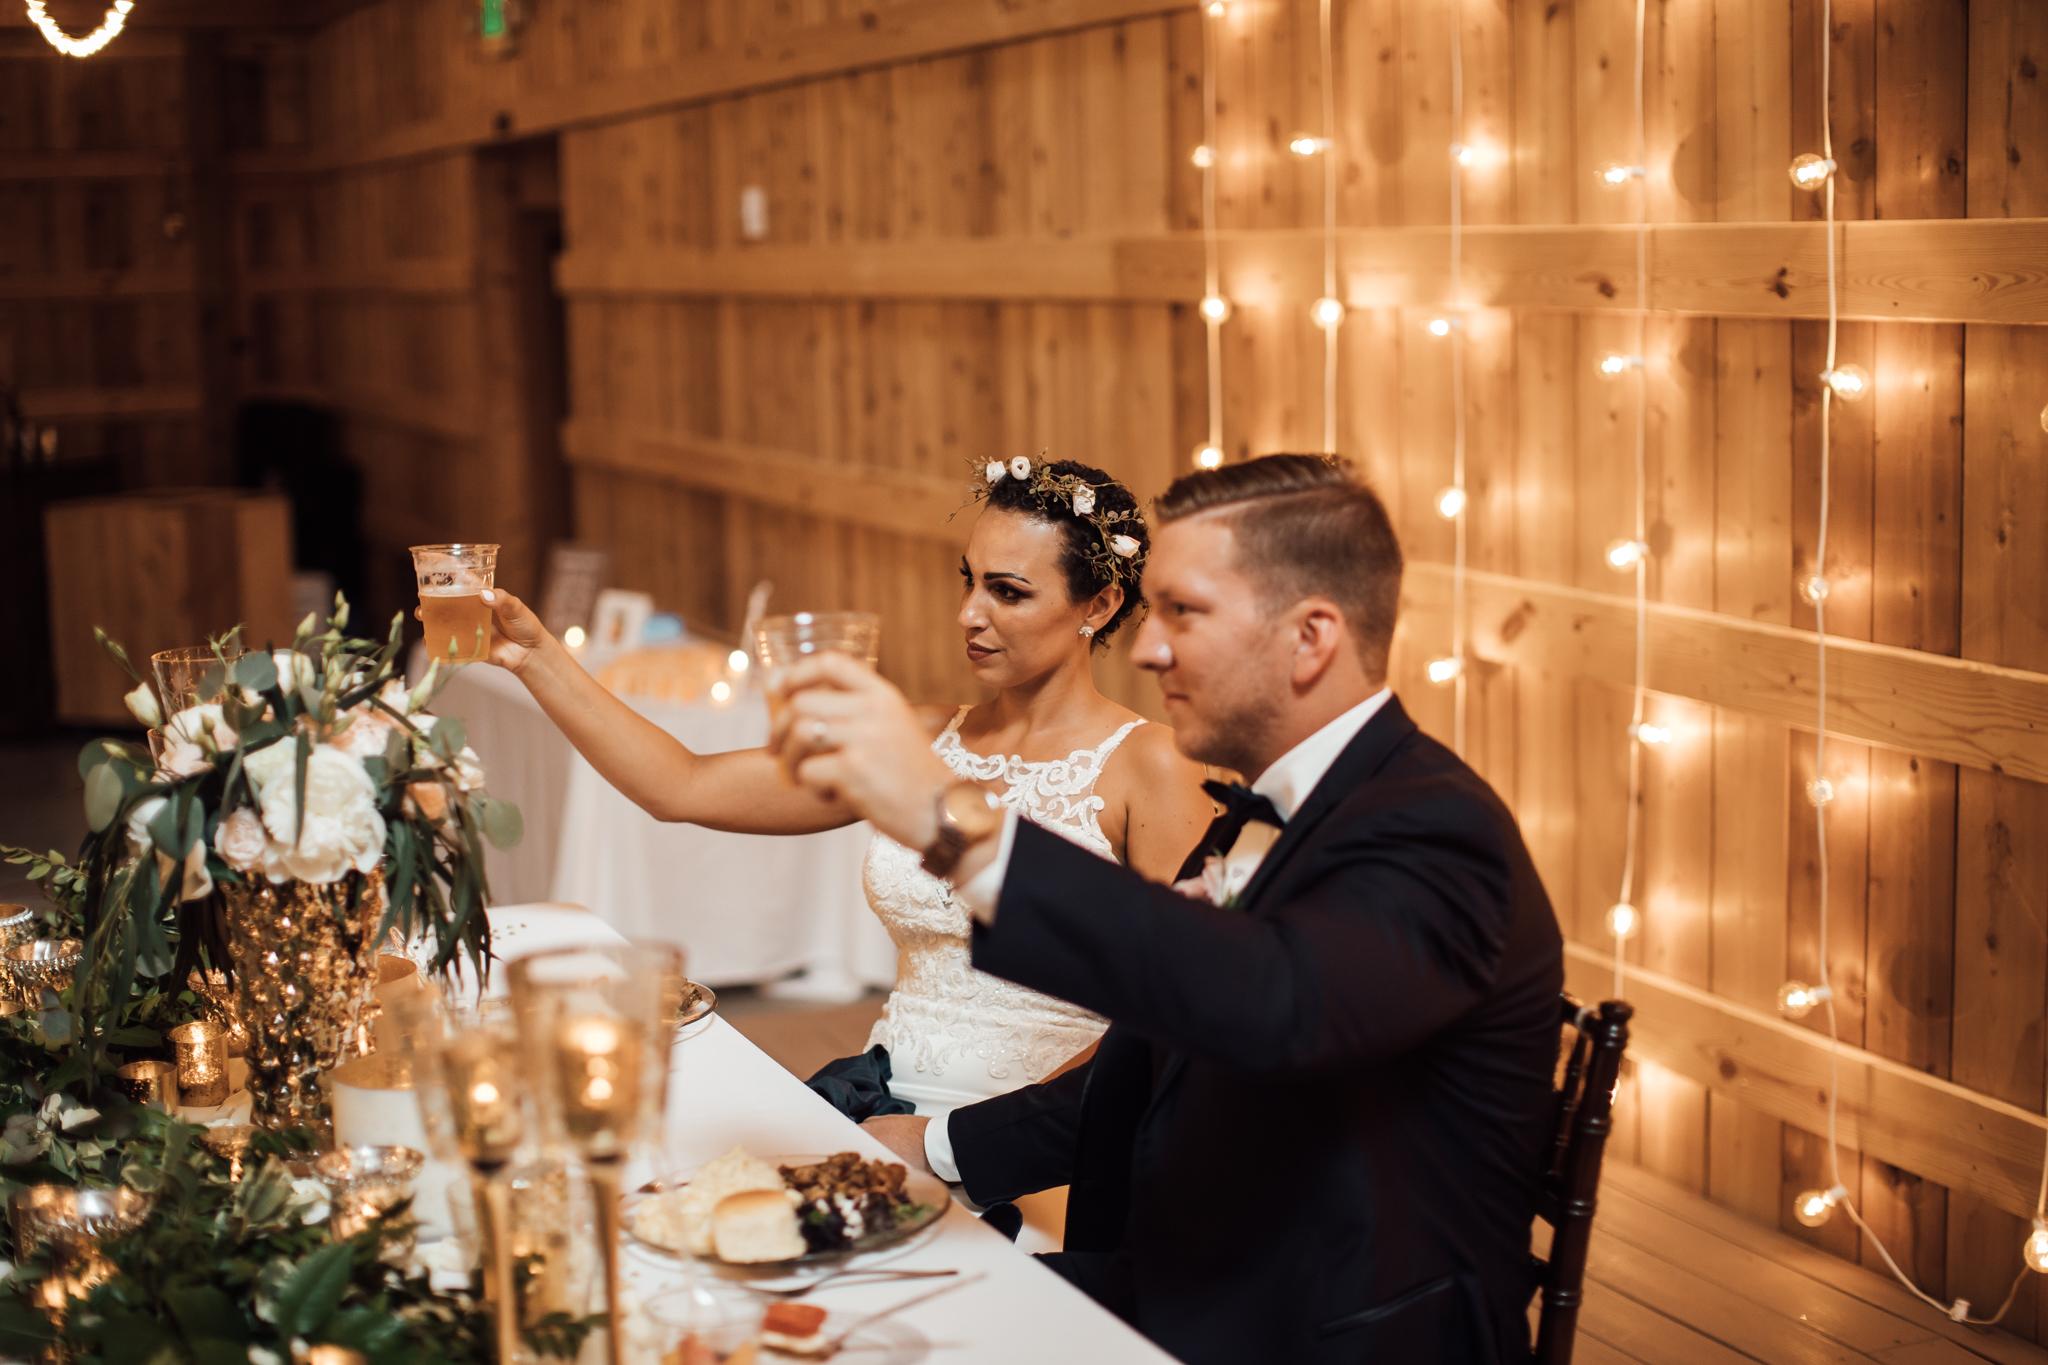 saddlewoodsfarms-nashville-wedding-photographer-thewarmtharoundyou-rustic-wedding (67 of 251).jpg